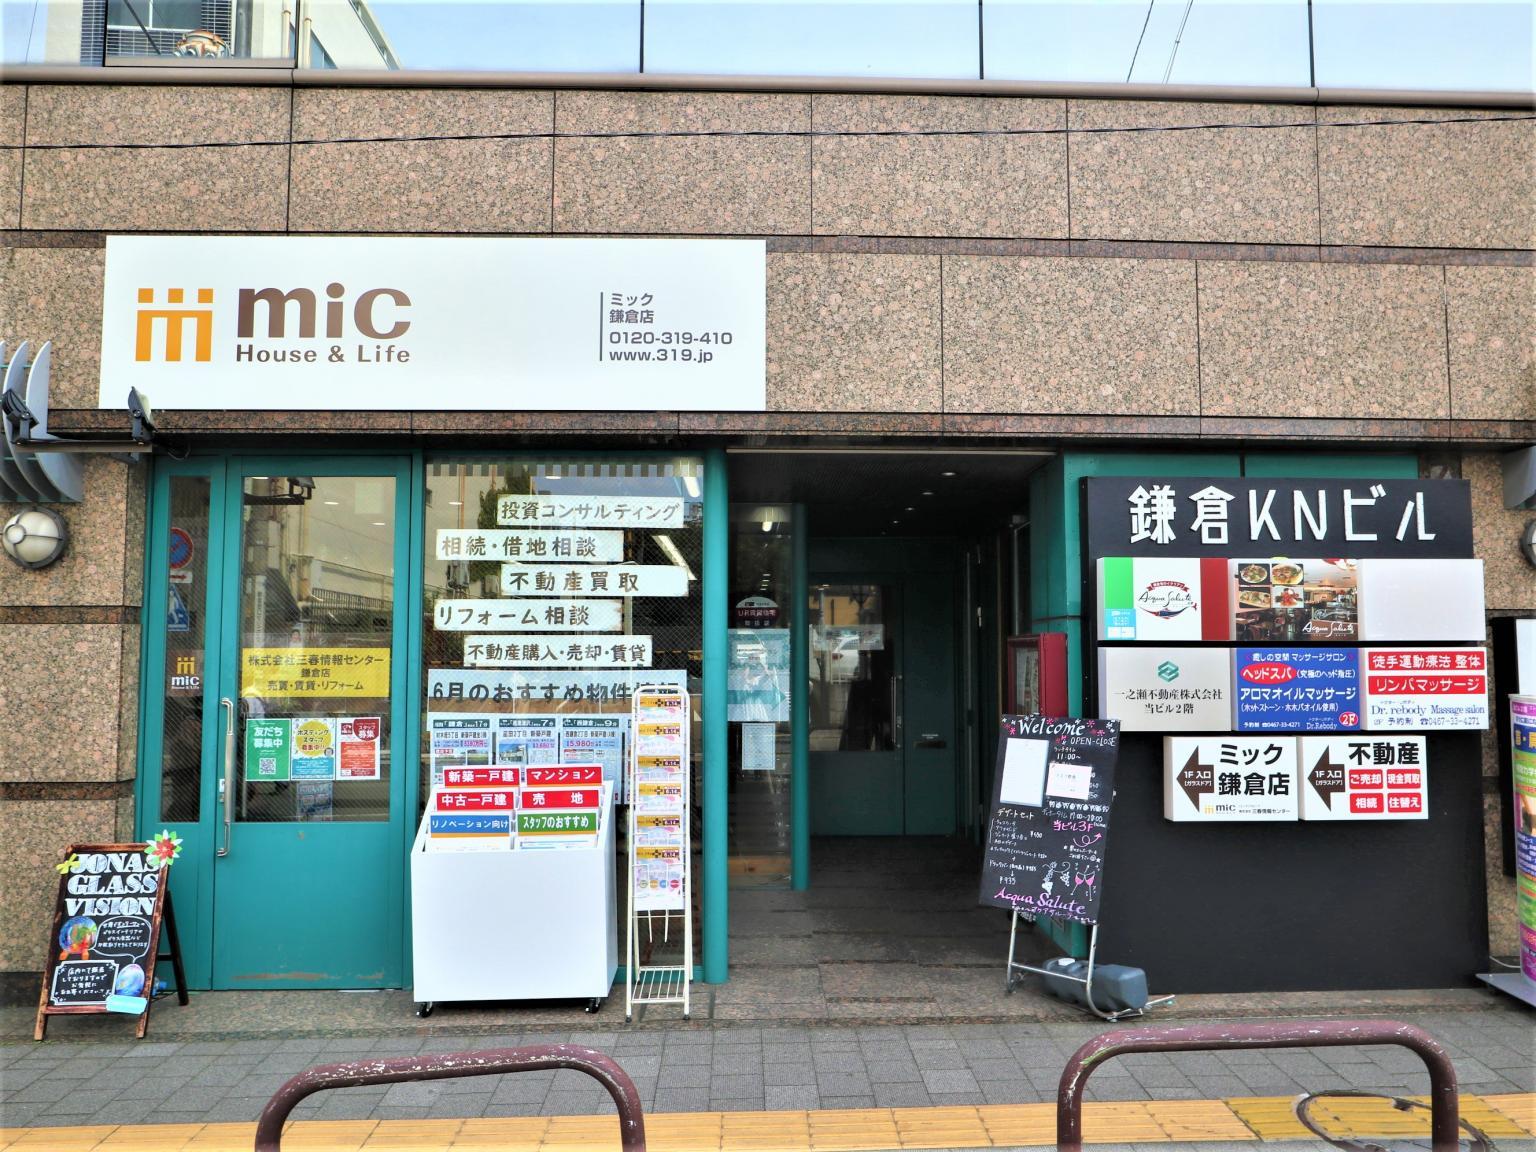 ミック 三春情報センター 鎌倉店